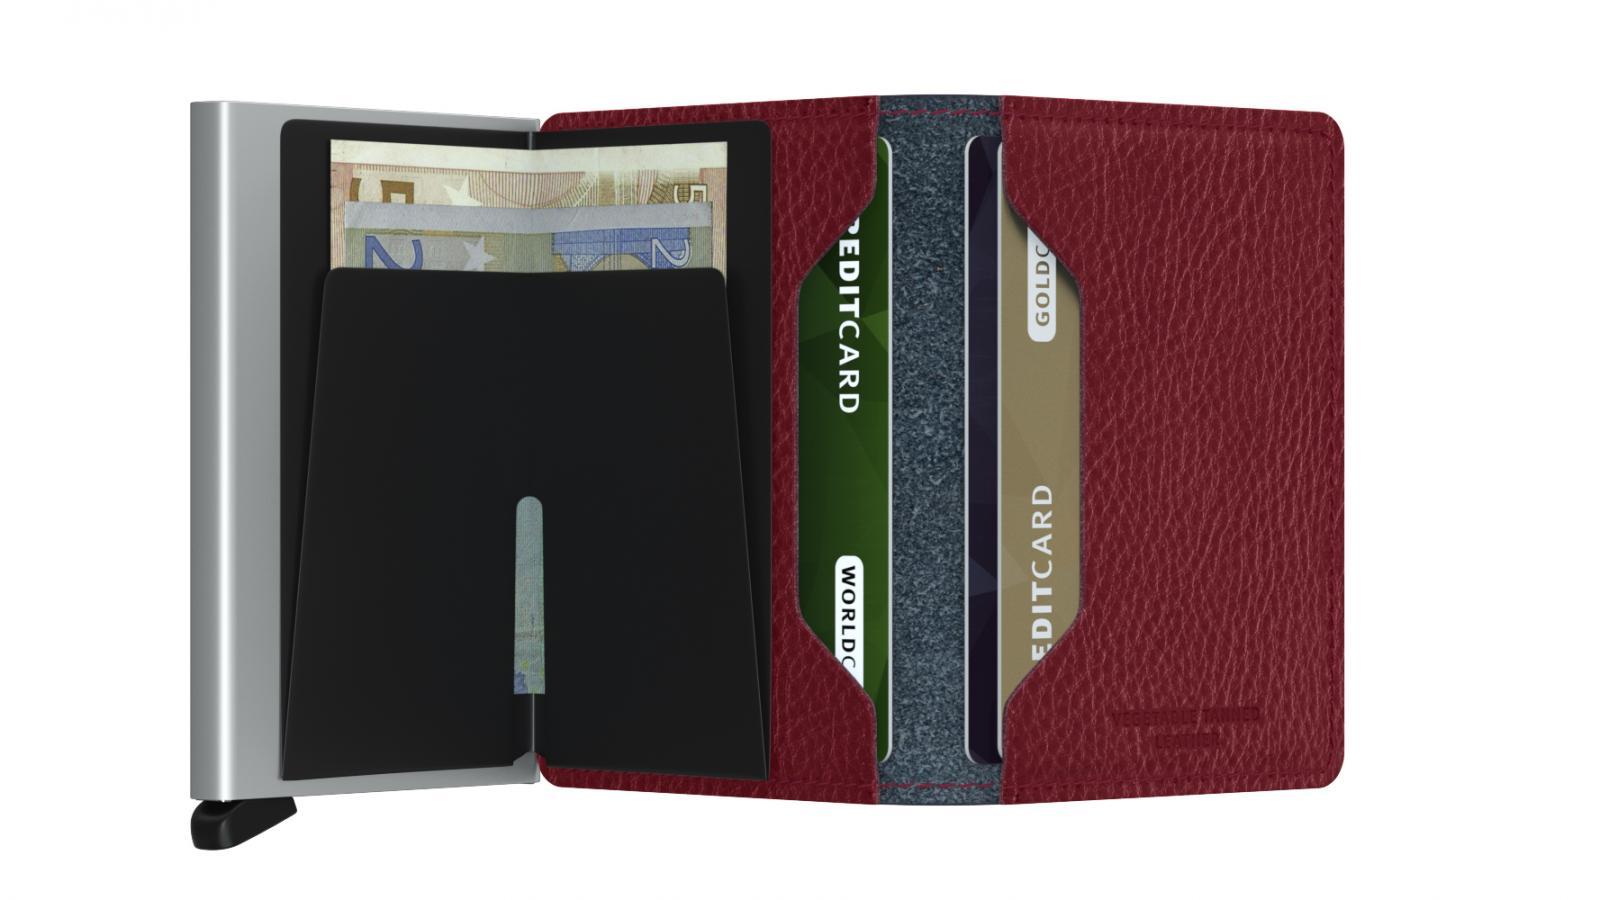 Secrid Slimwallet Veg Navy Wallet